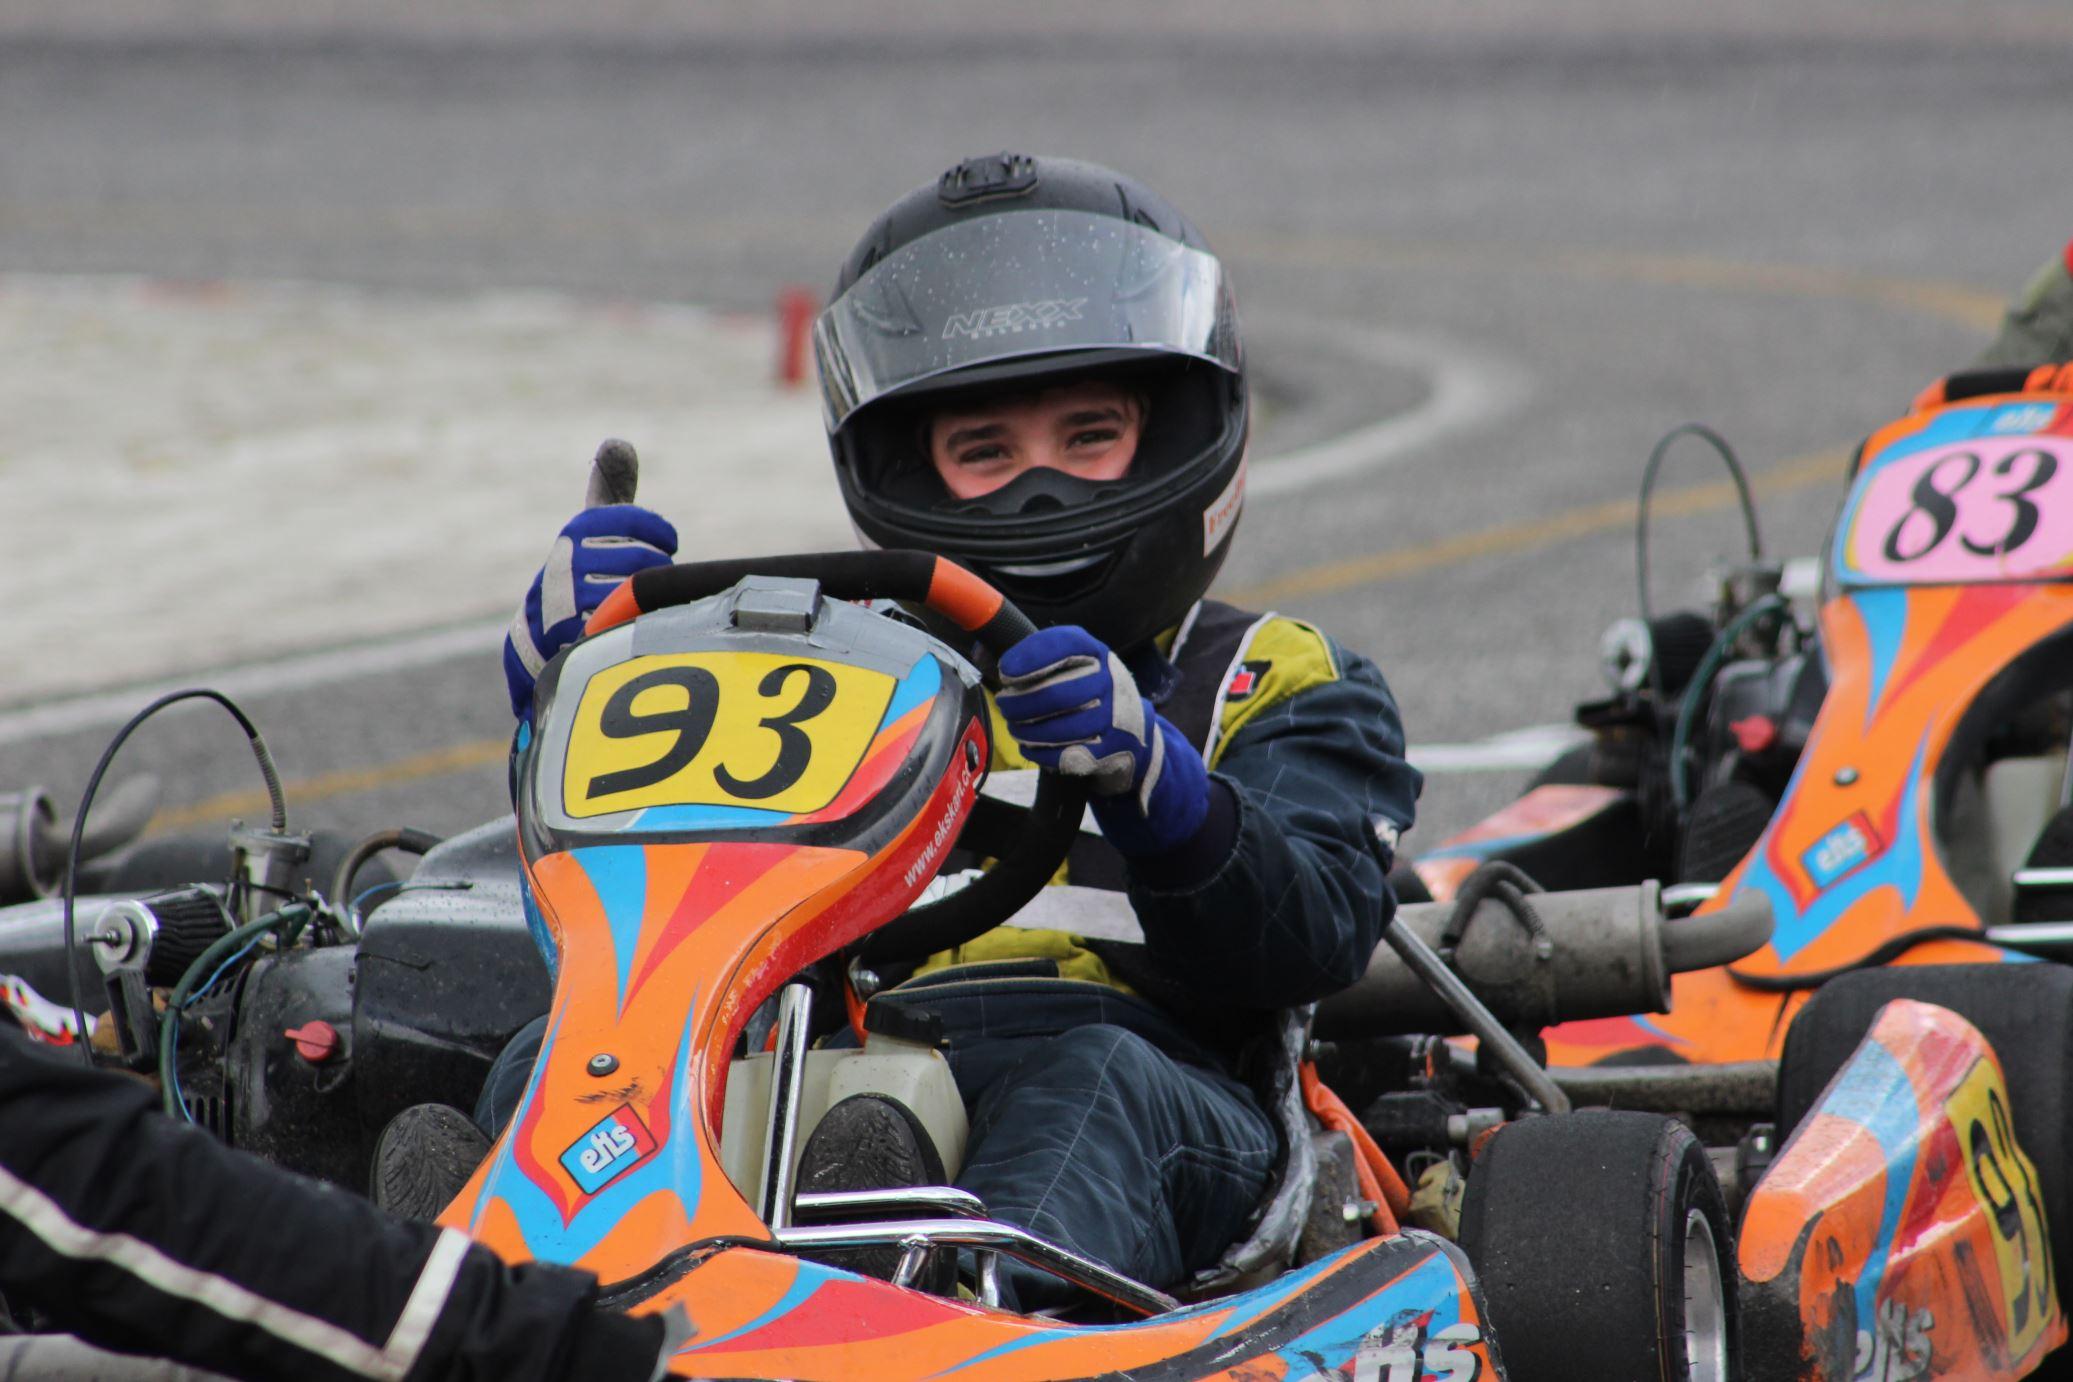 Troféu Honda 2014 - 2ª Prova164